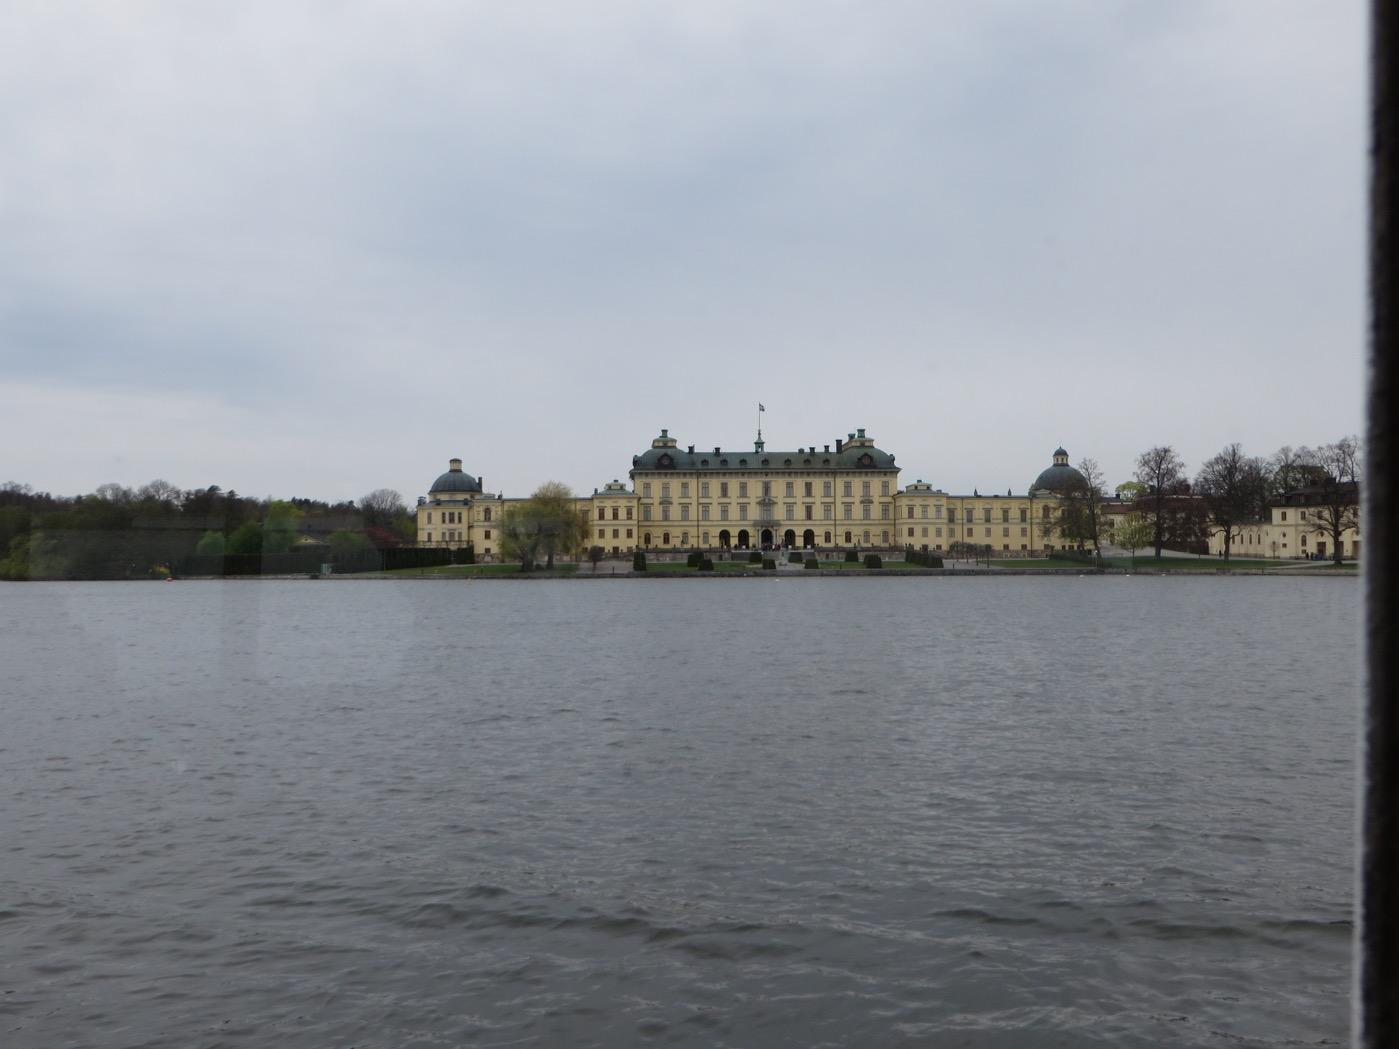 Båten gick till Drottningholms slott tur och retur.